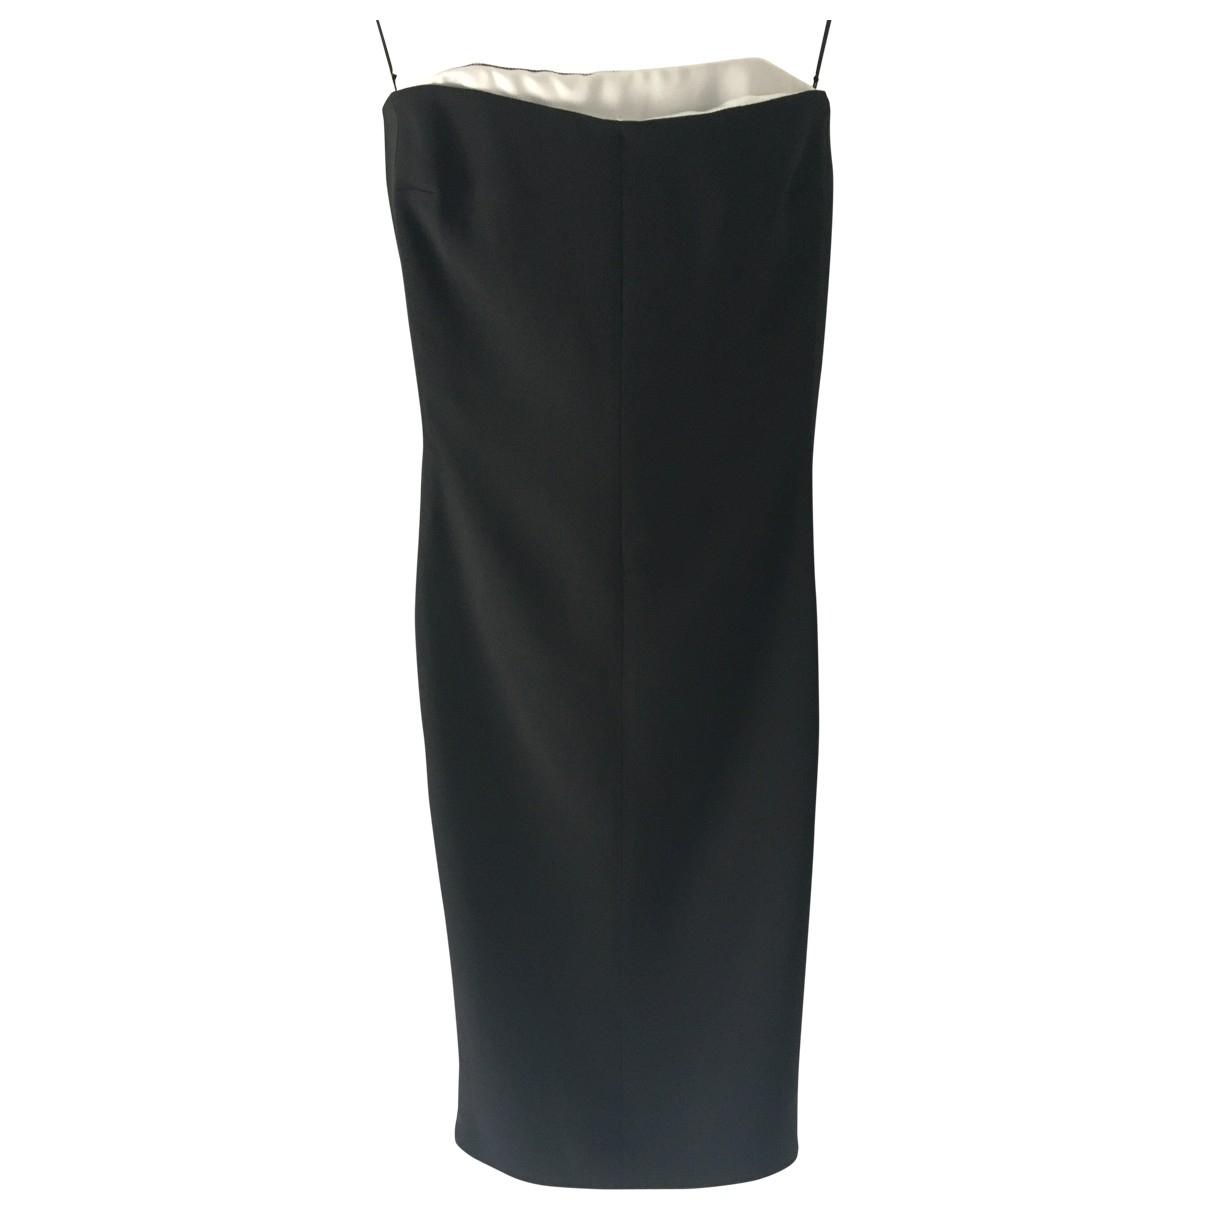 Stella Mccartney \N Black dress for Women 38 IT